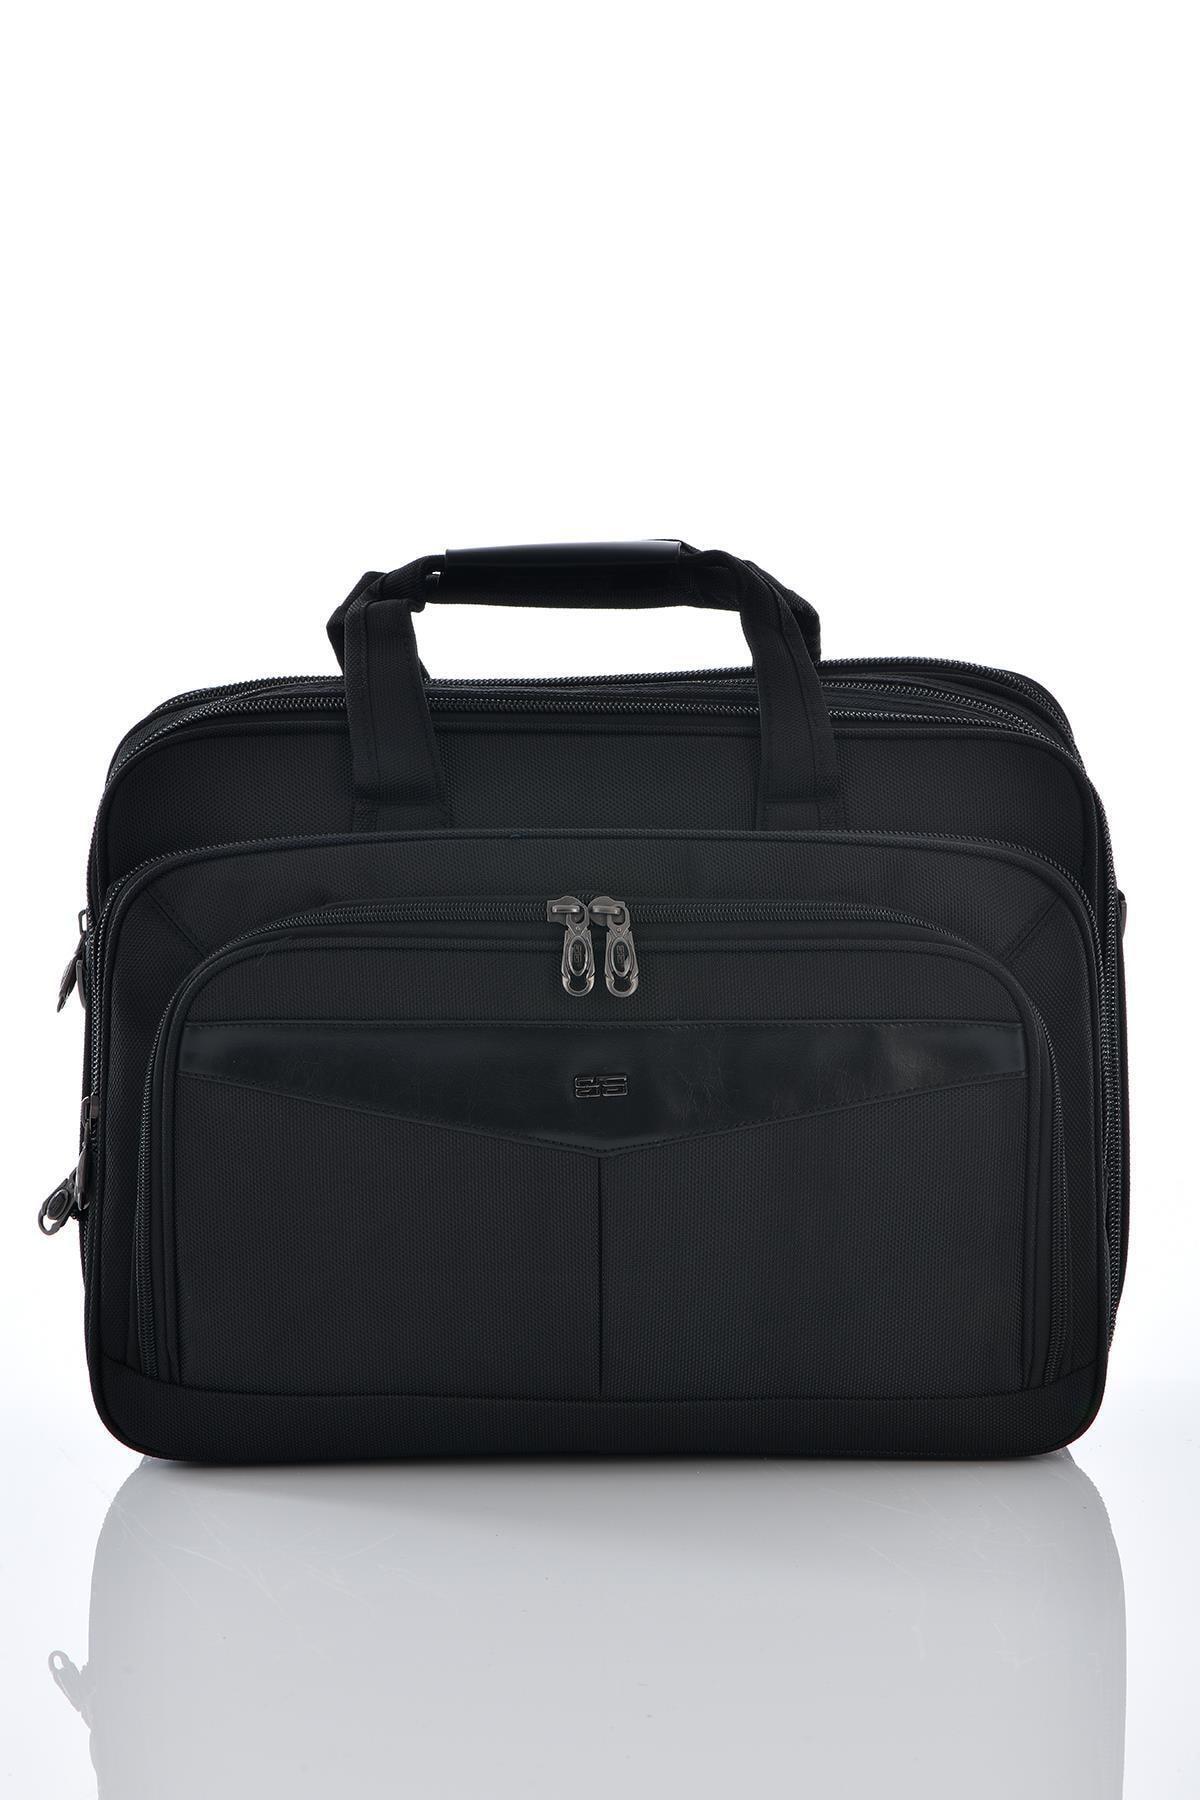 ÇÇS 71147 Laptop Bölmeli Körüklü Evrak Çantası Siyah 1